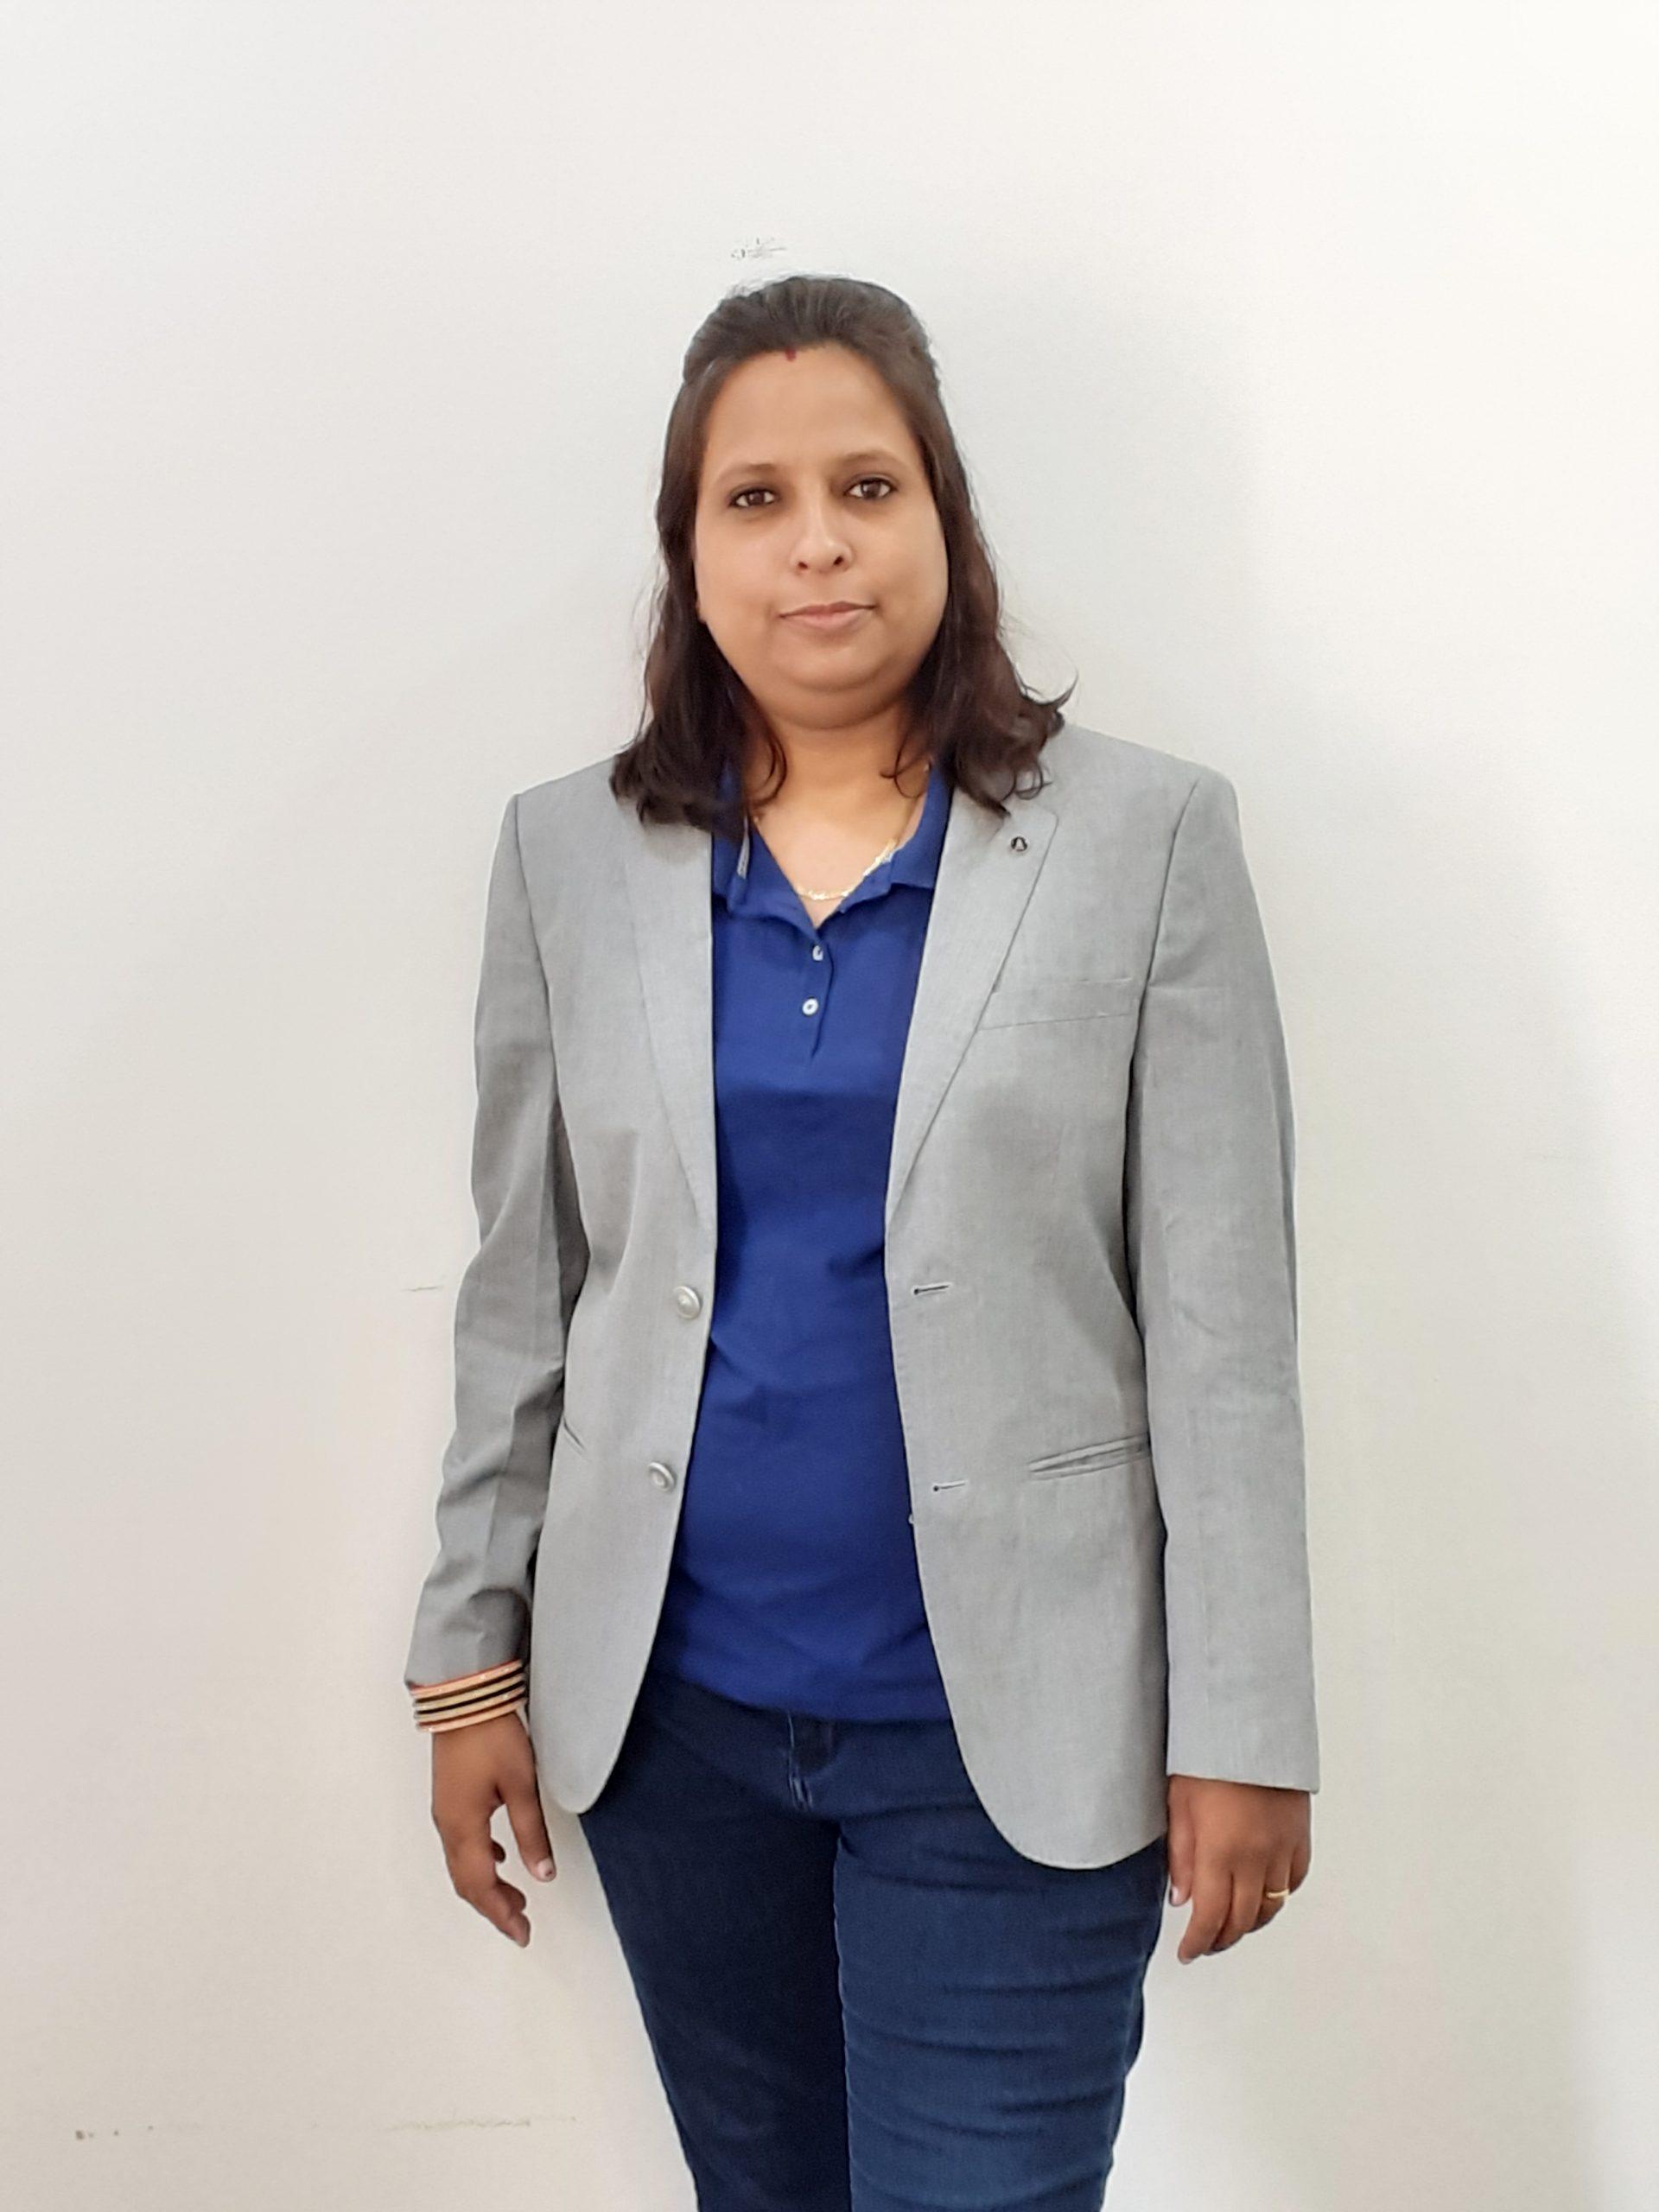 Kanchan Kaur